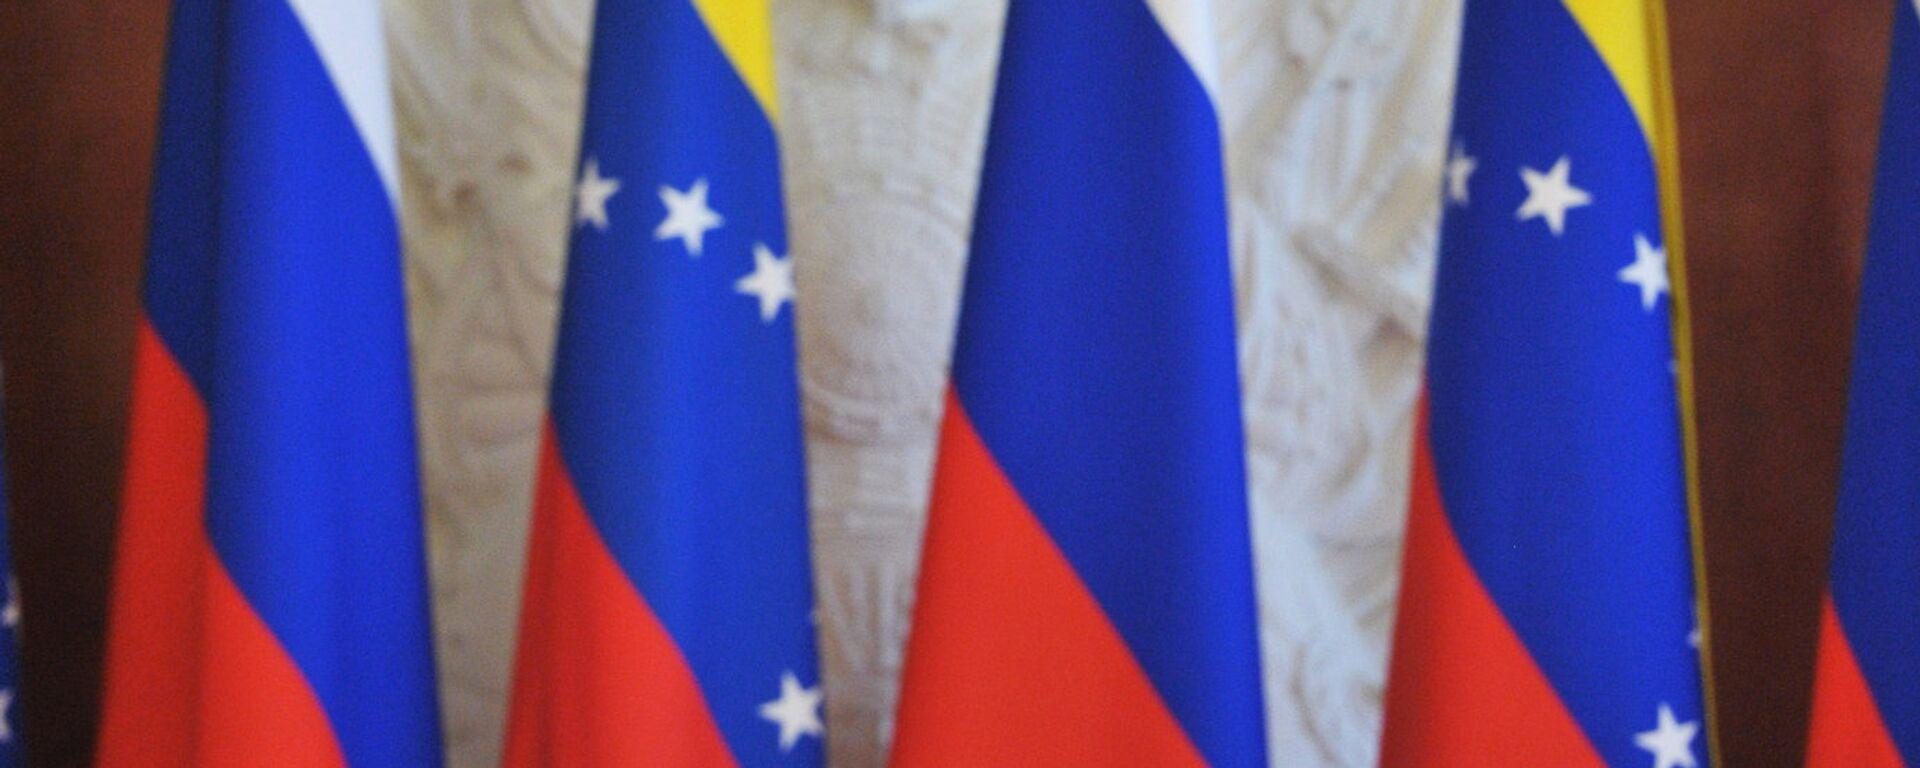 Las banderas de Rusia y Venezuela - Sputnik Mundo, 1920, 12.01.2021